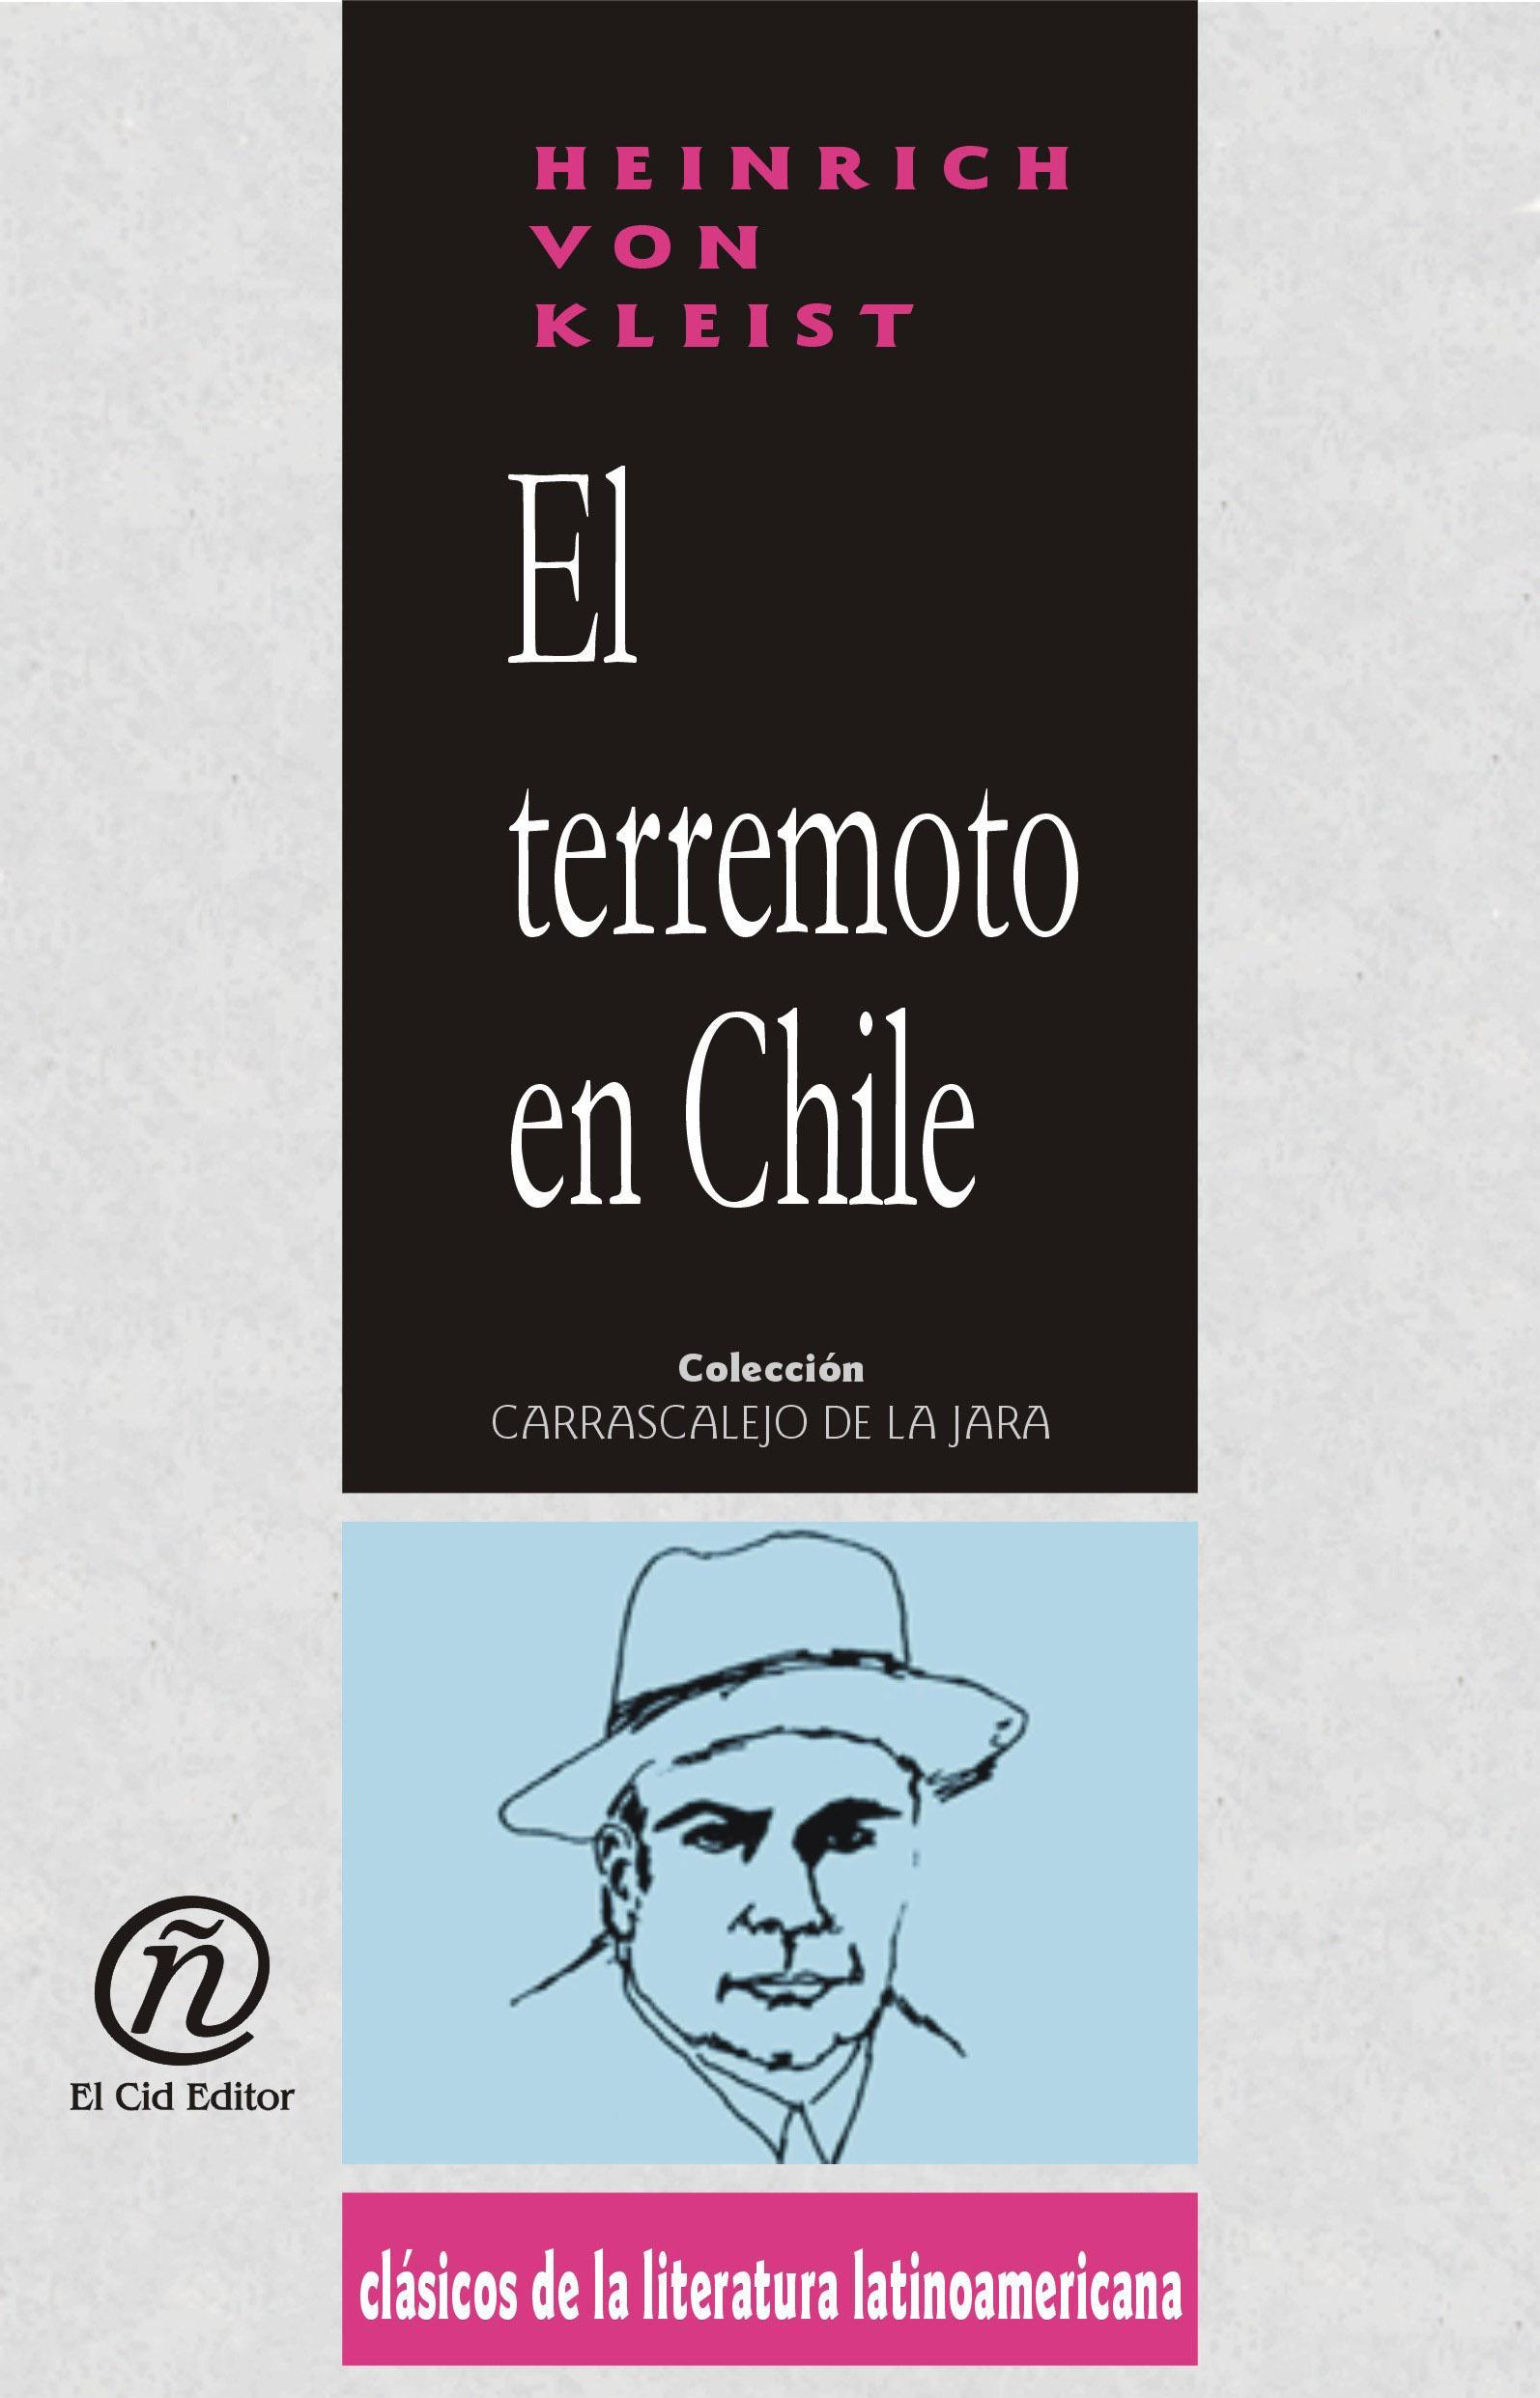 El terremoto en Chile: Colecci?n de Cl?sicos de la Literatura Latinoamericana